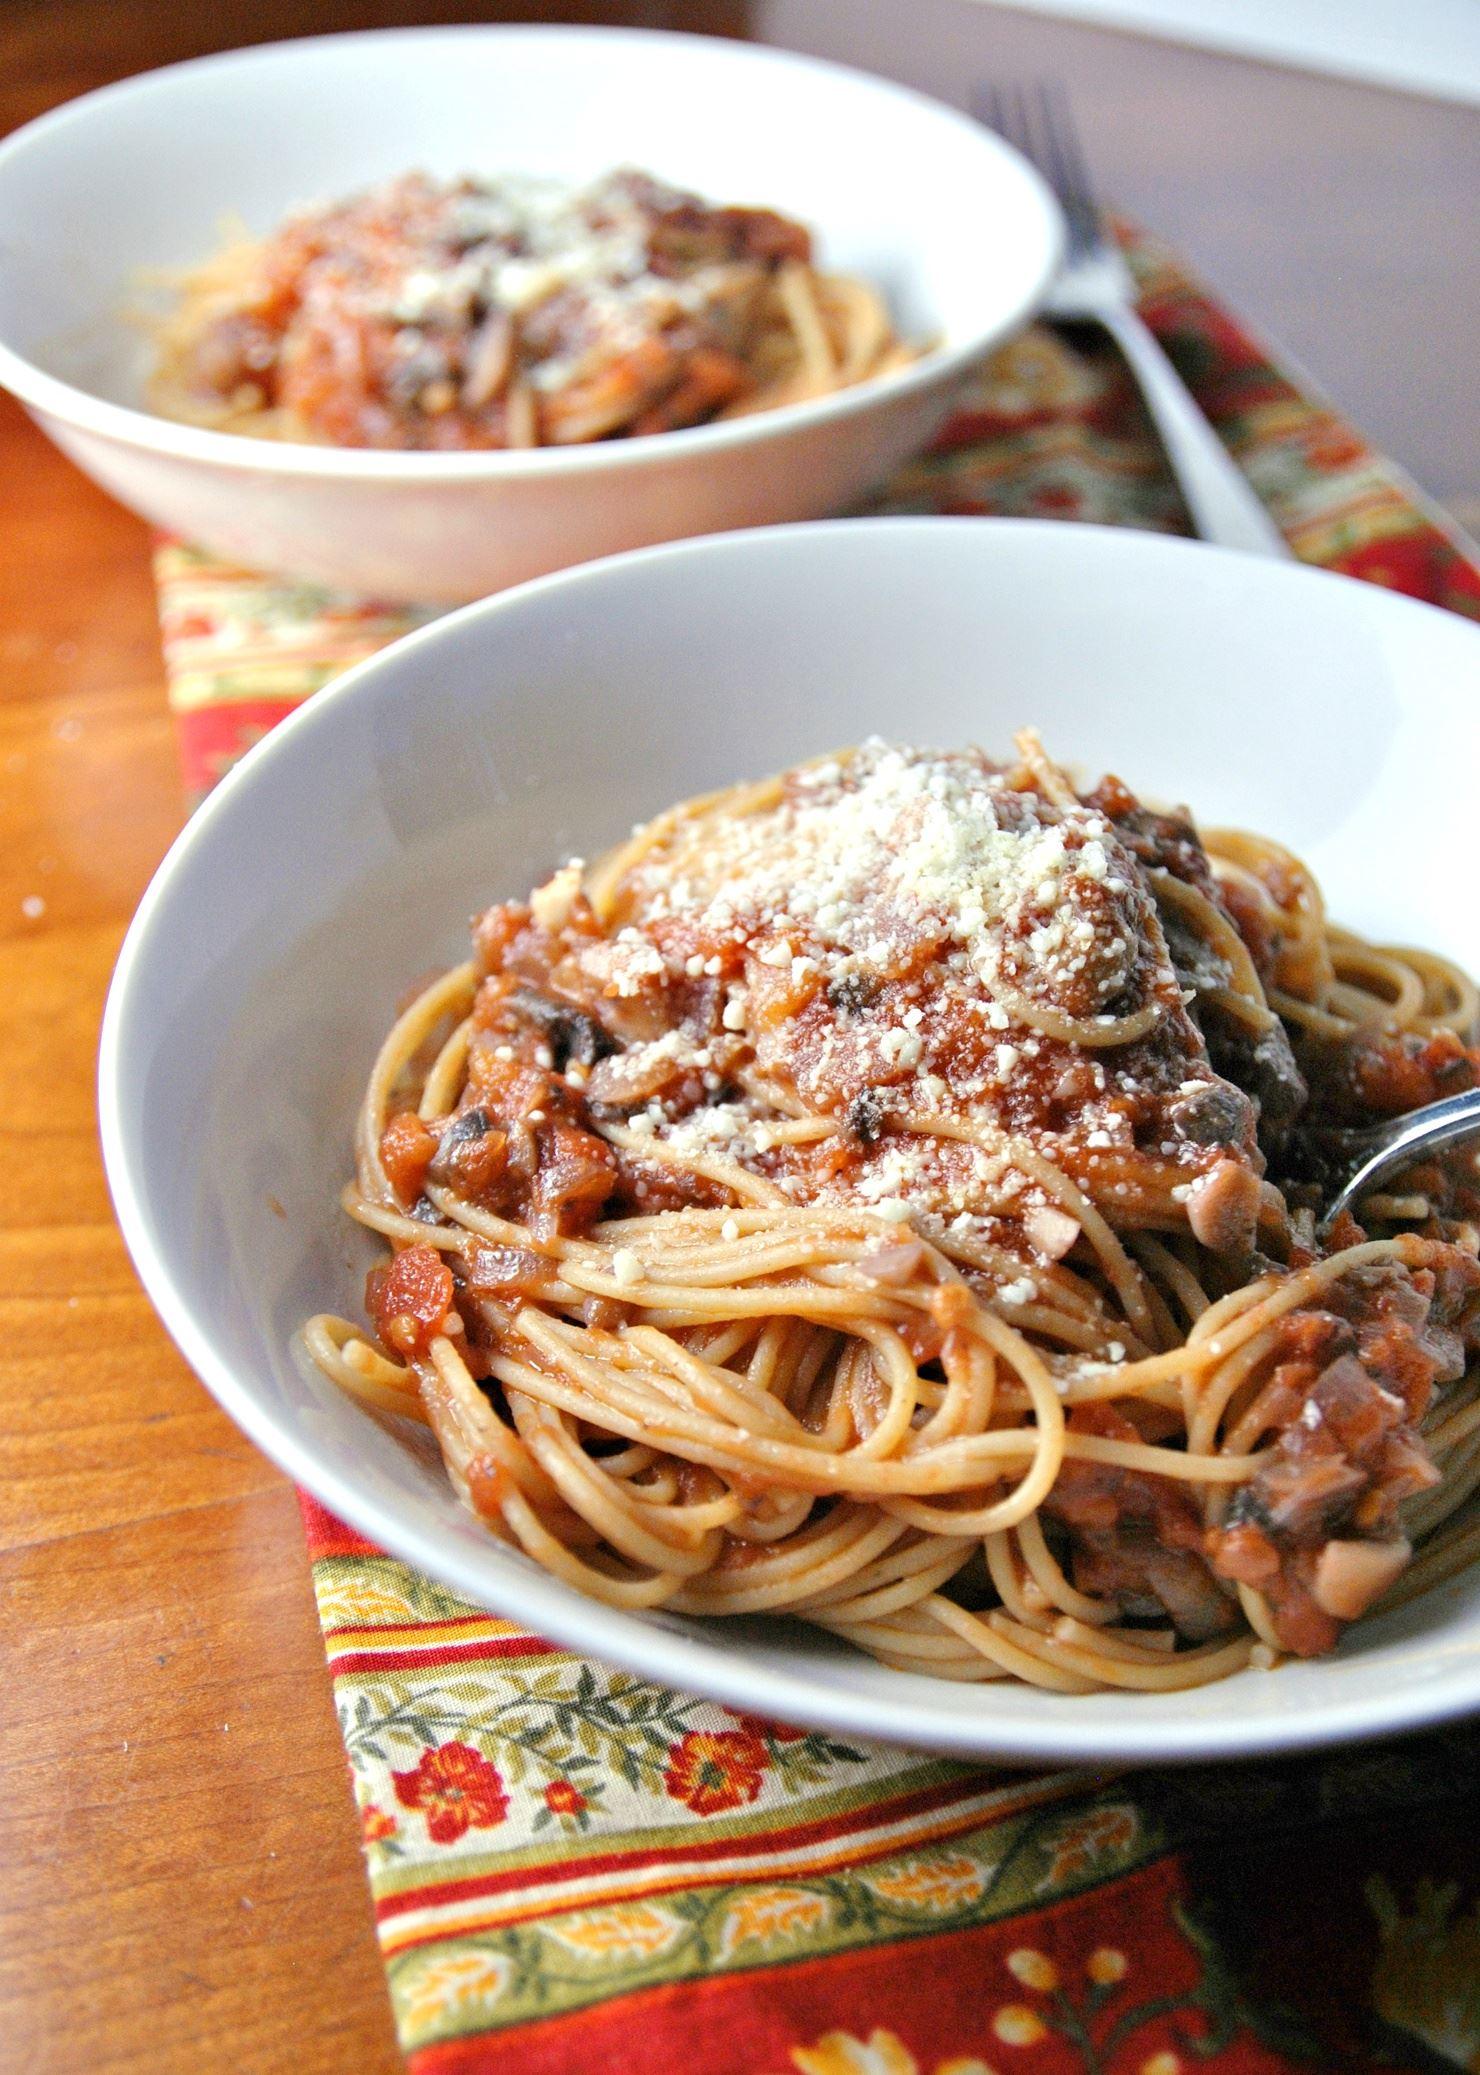 Spaghetti with Mushroom Bolognese Spaghetti with Mushroom Bolognese.